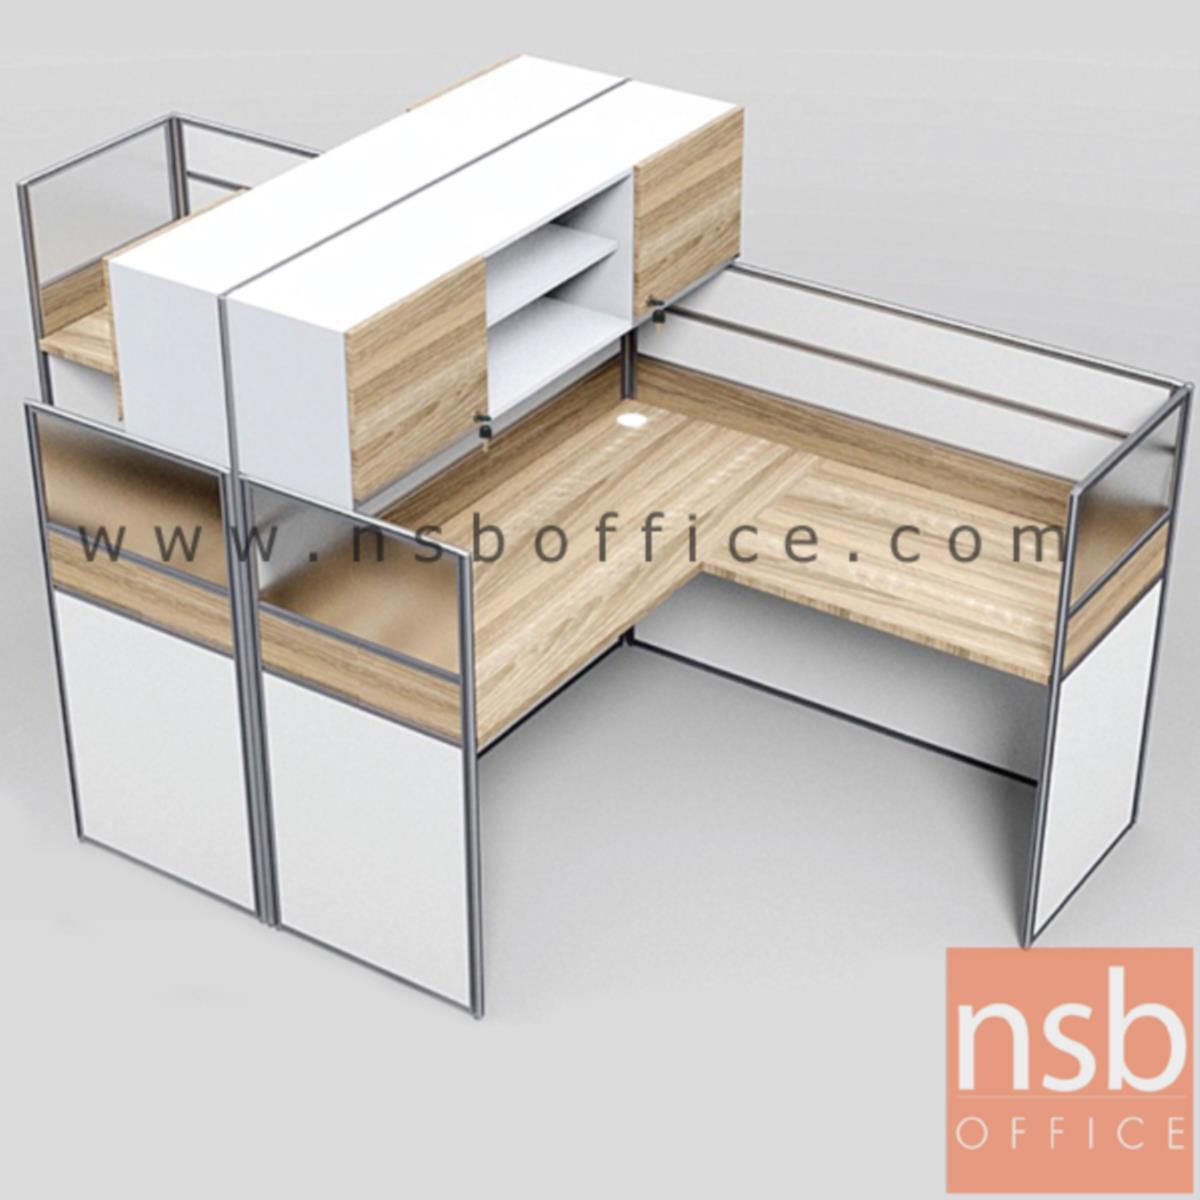 A04A174:ชุดโต๊ะทำงานกลุ่มตัวแอล 2 ที่นั่ง   ขนาดรวม 306W1*154W2 cm. พร้อมตู้แขวนเก็บเอกสาร